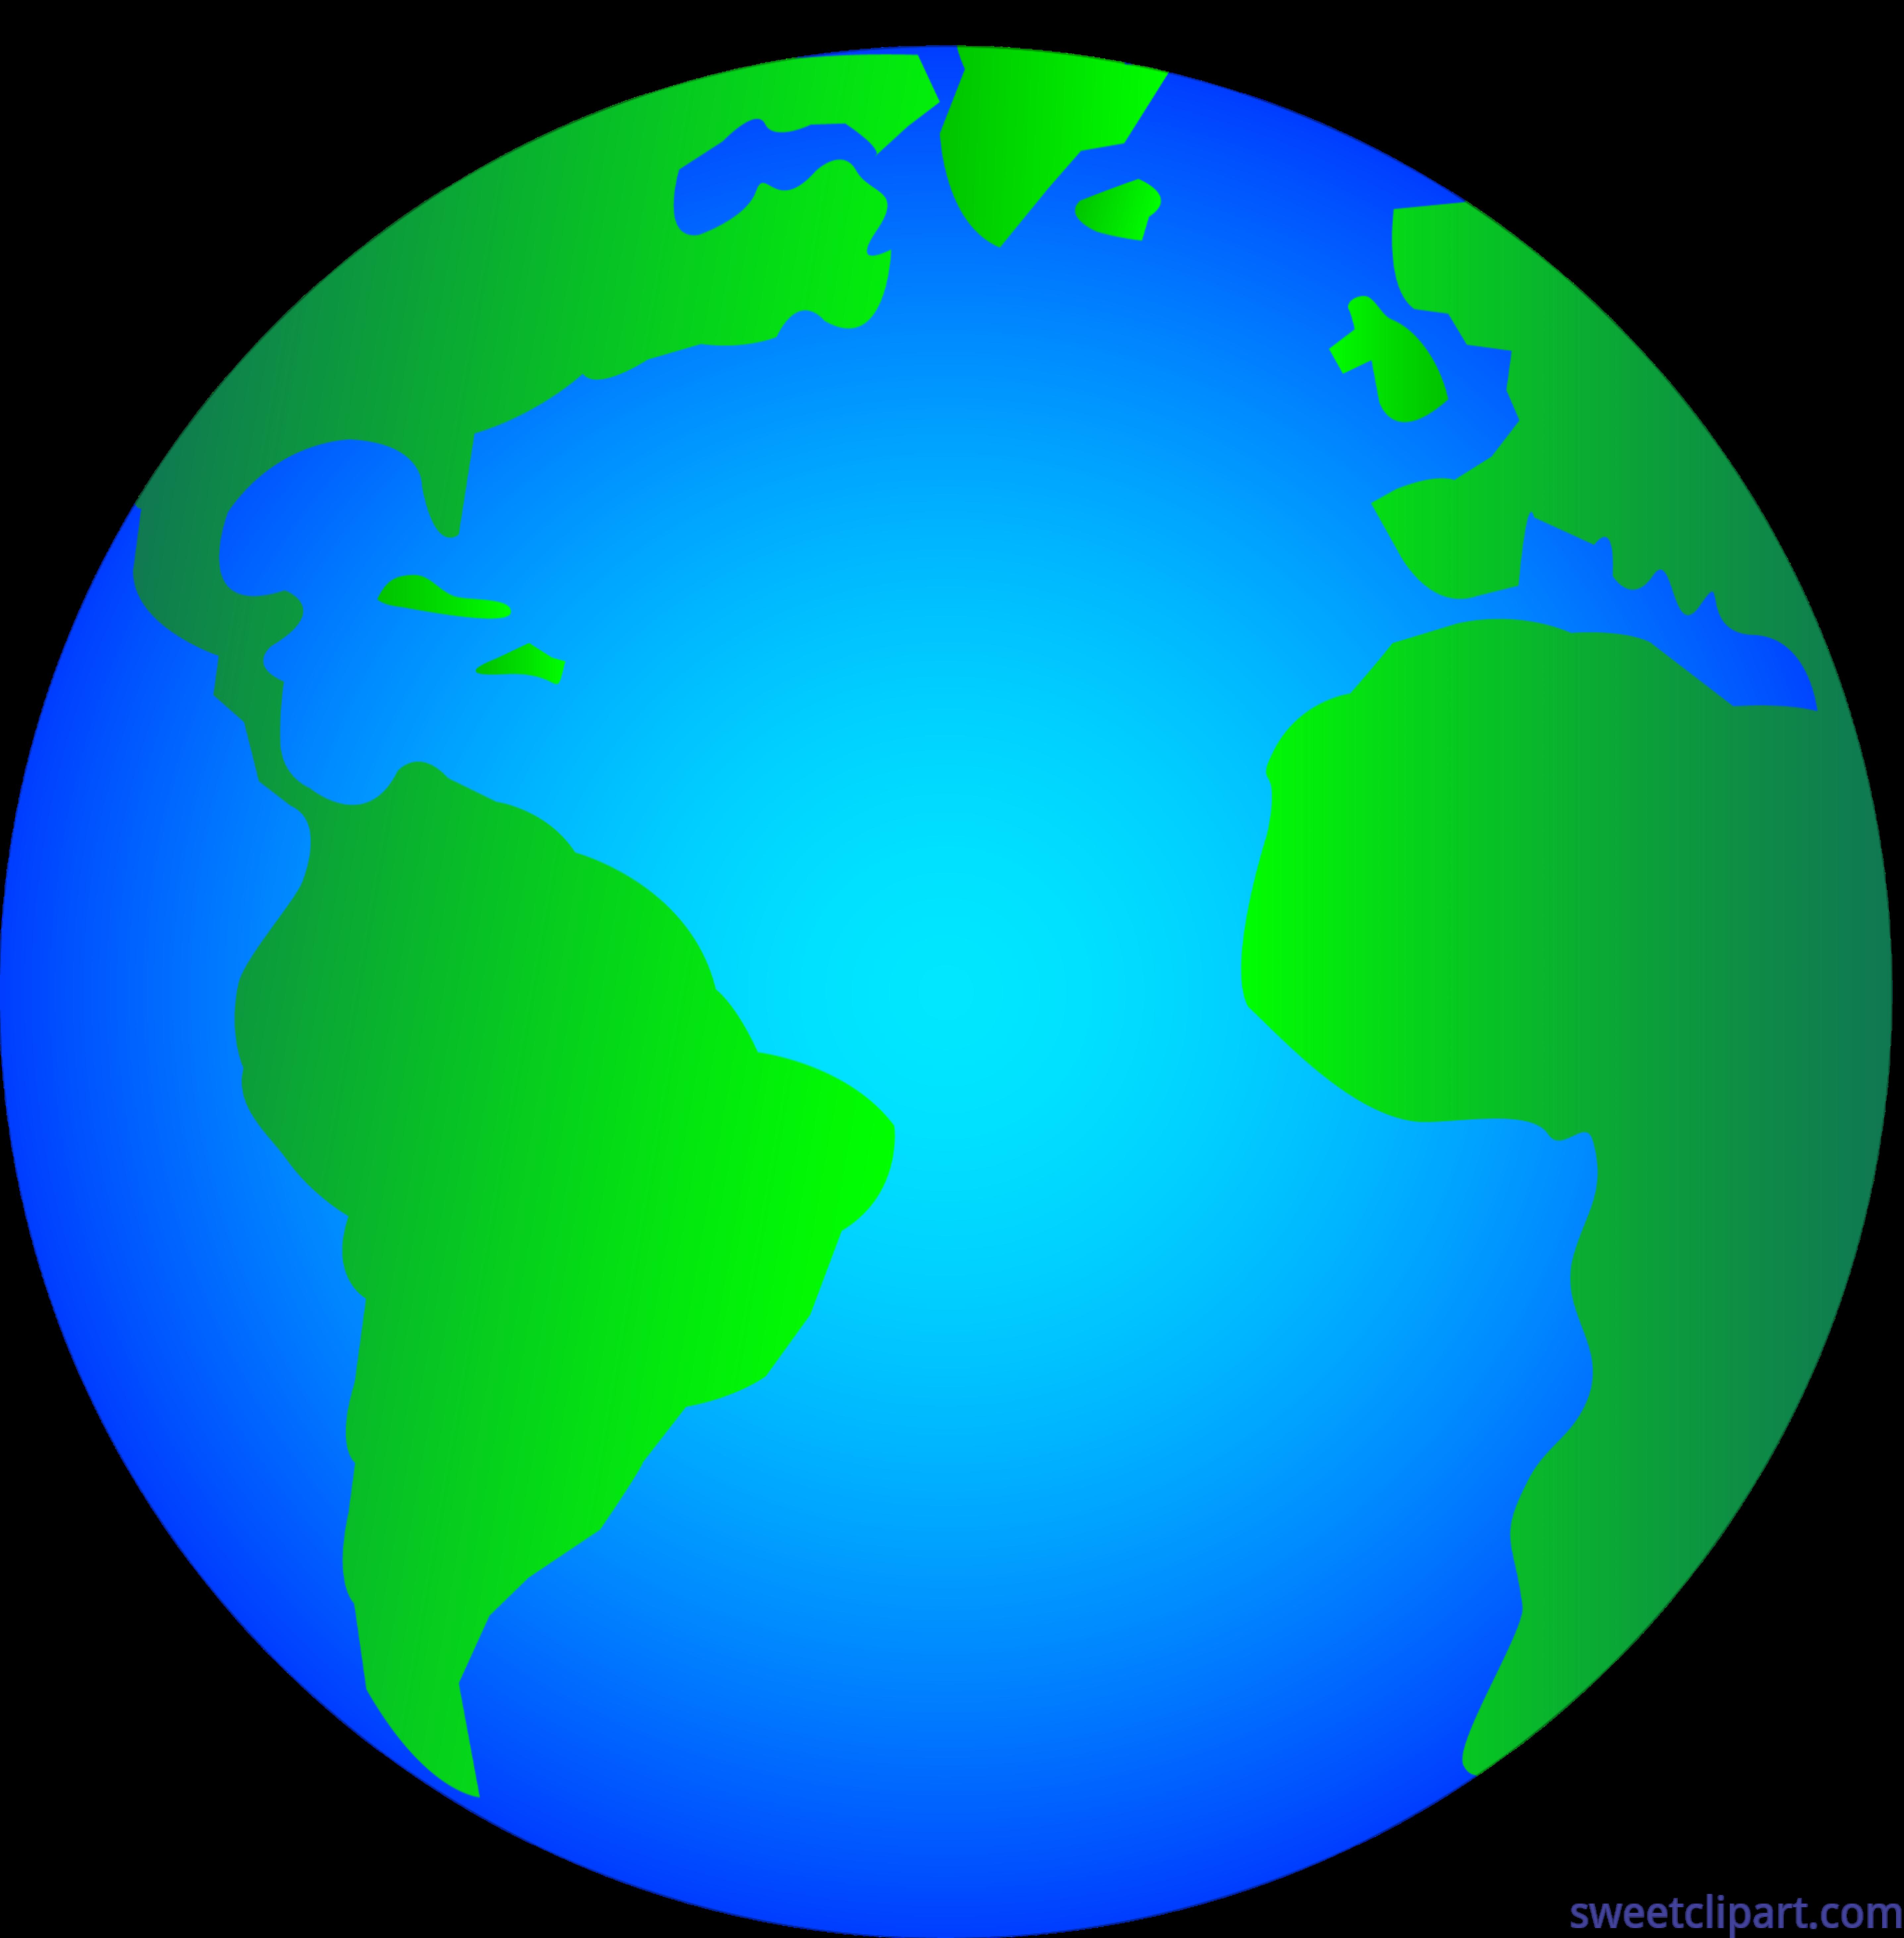 5748x5852 Shiny Glossy Earth Logo Clip Art